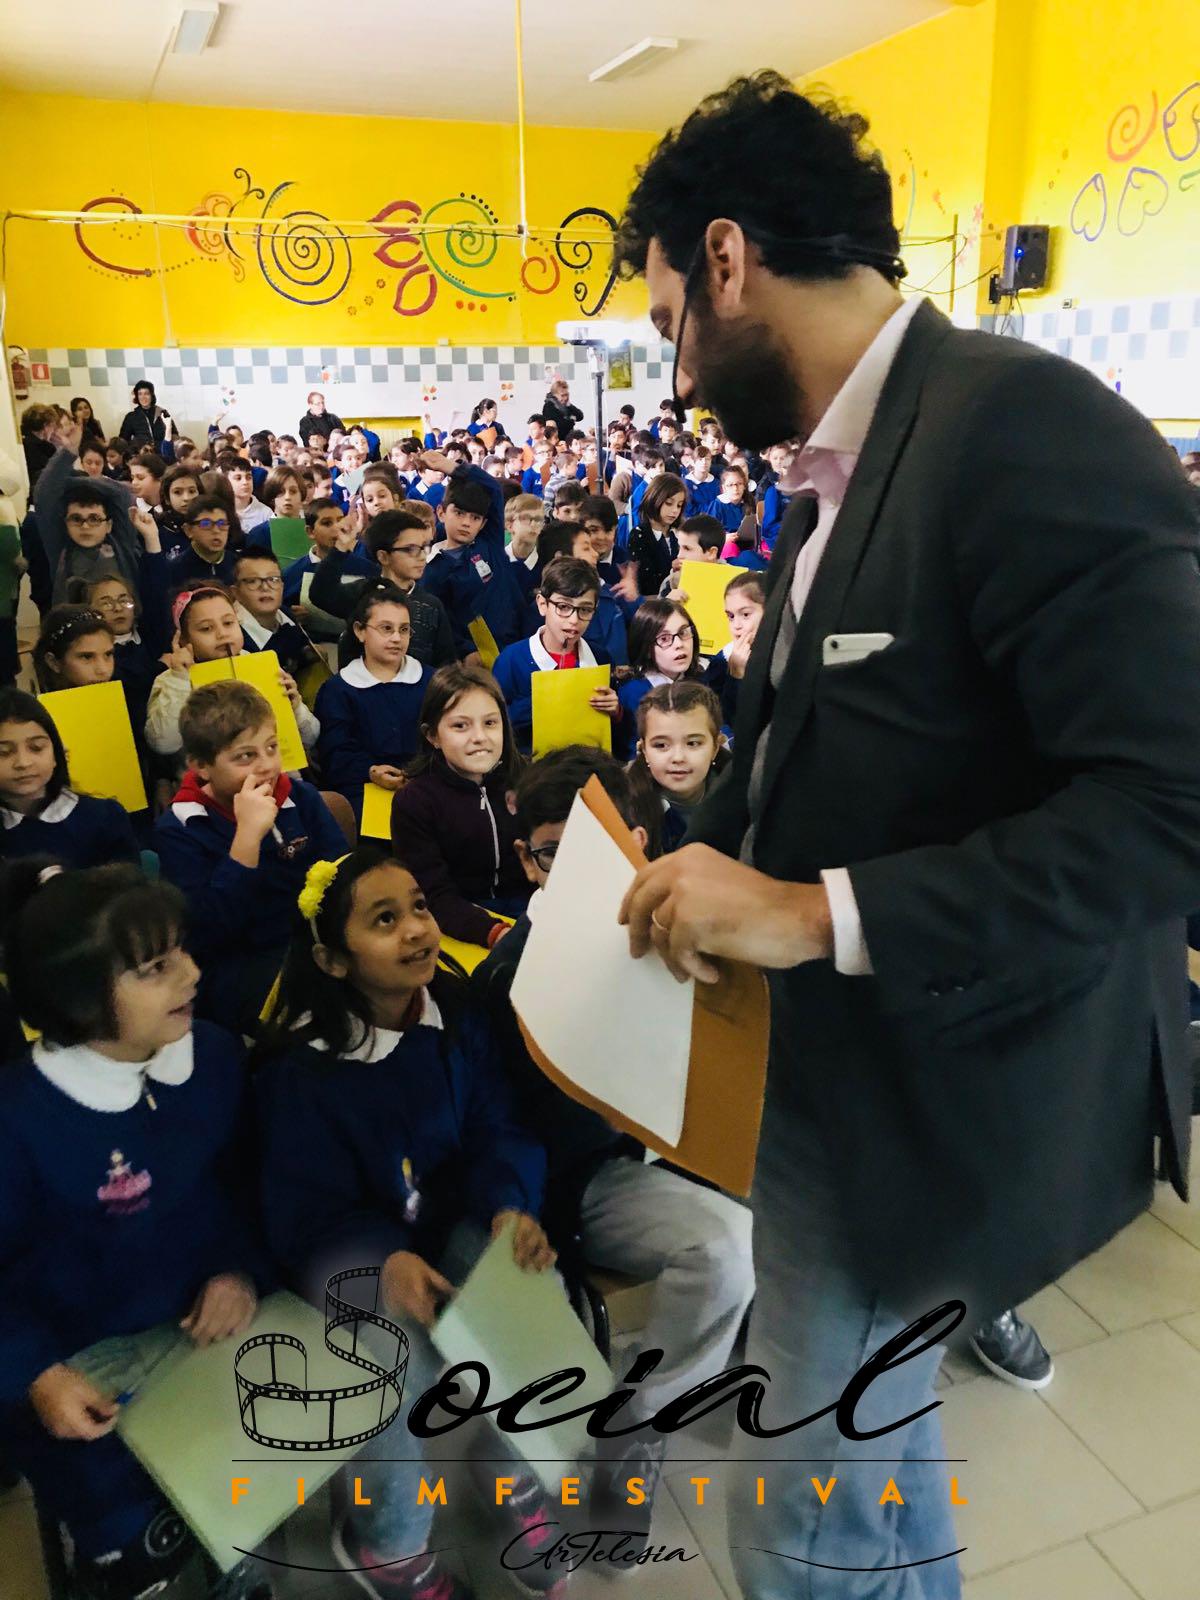 Social Film Festival Artelesia - Matines nelle scuole